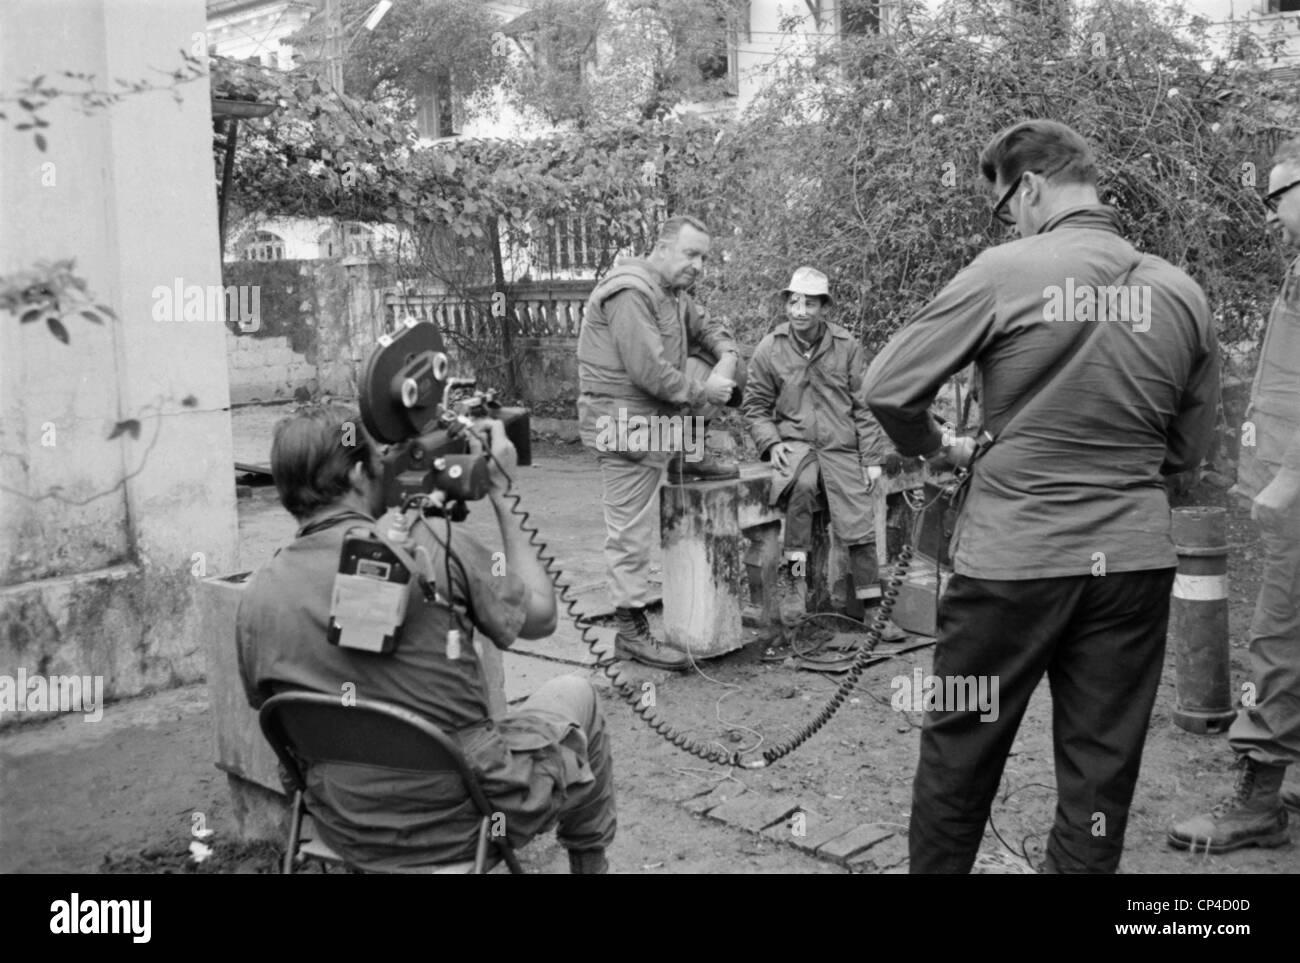 Vietnam War Tet Offensive Walter Cronkite Of Cbs